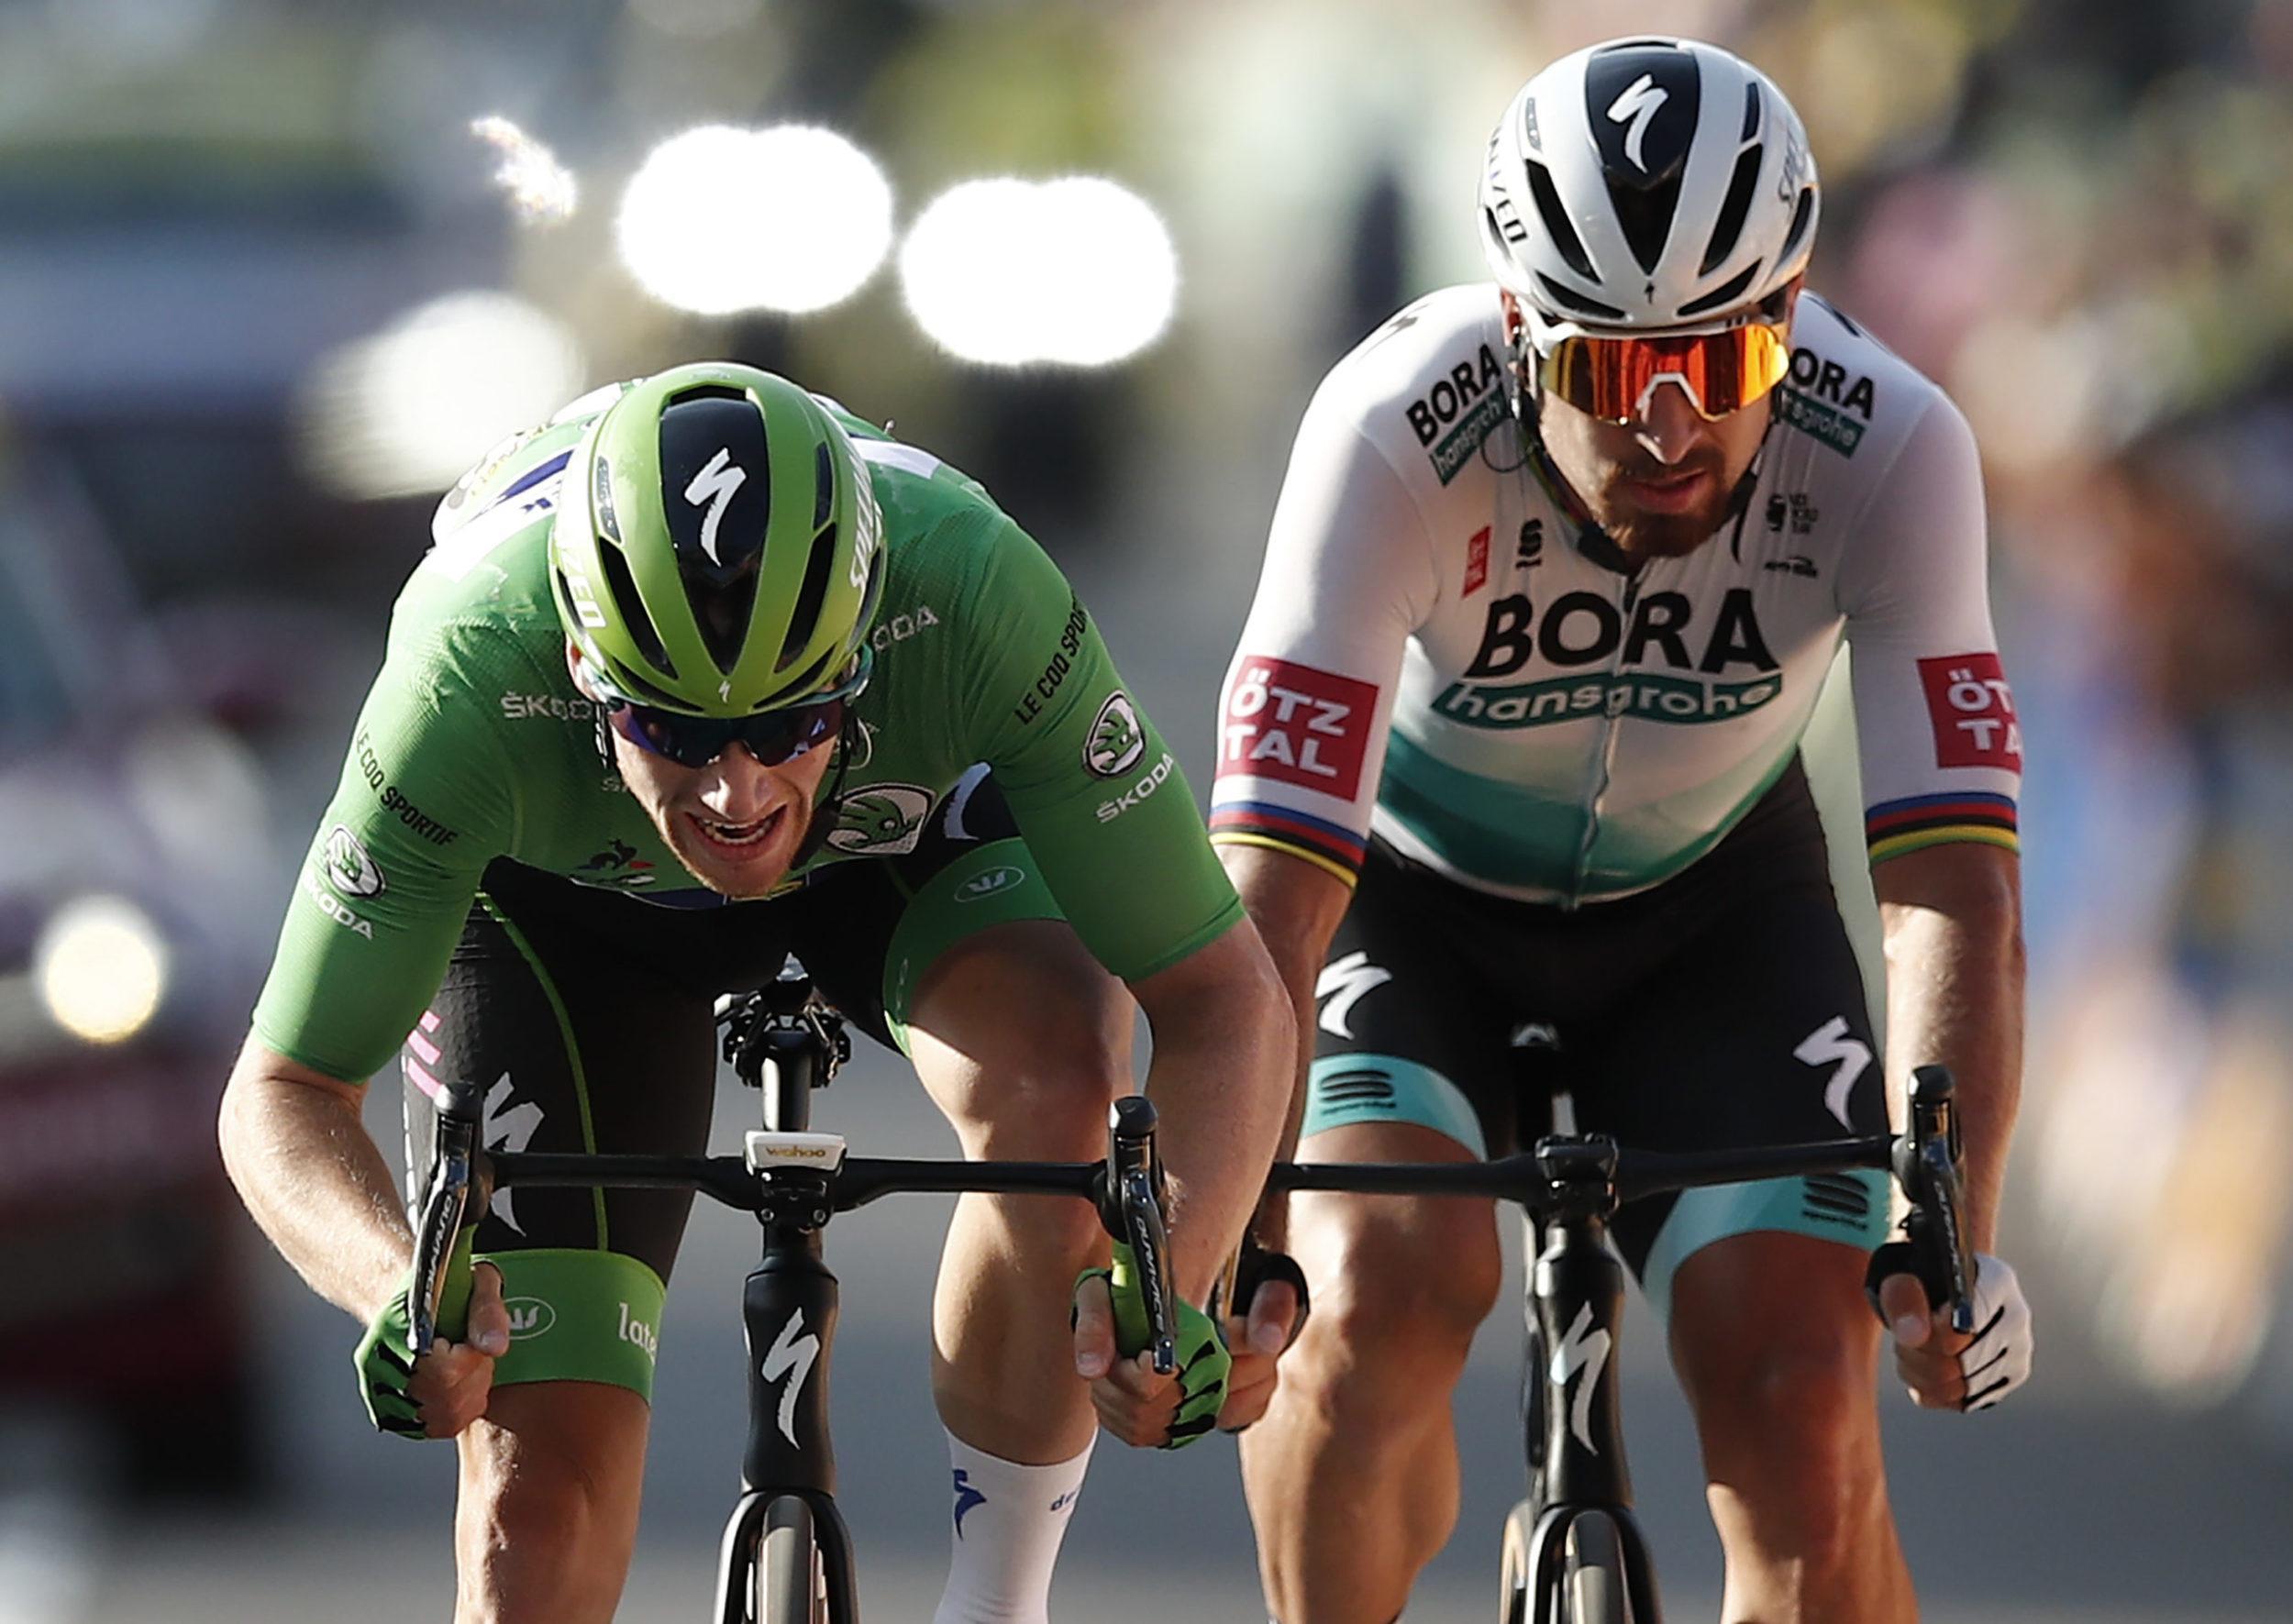 France_Cycling_Tour_de_France006316728451